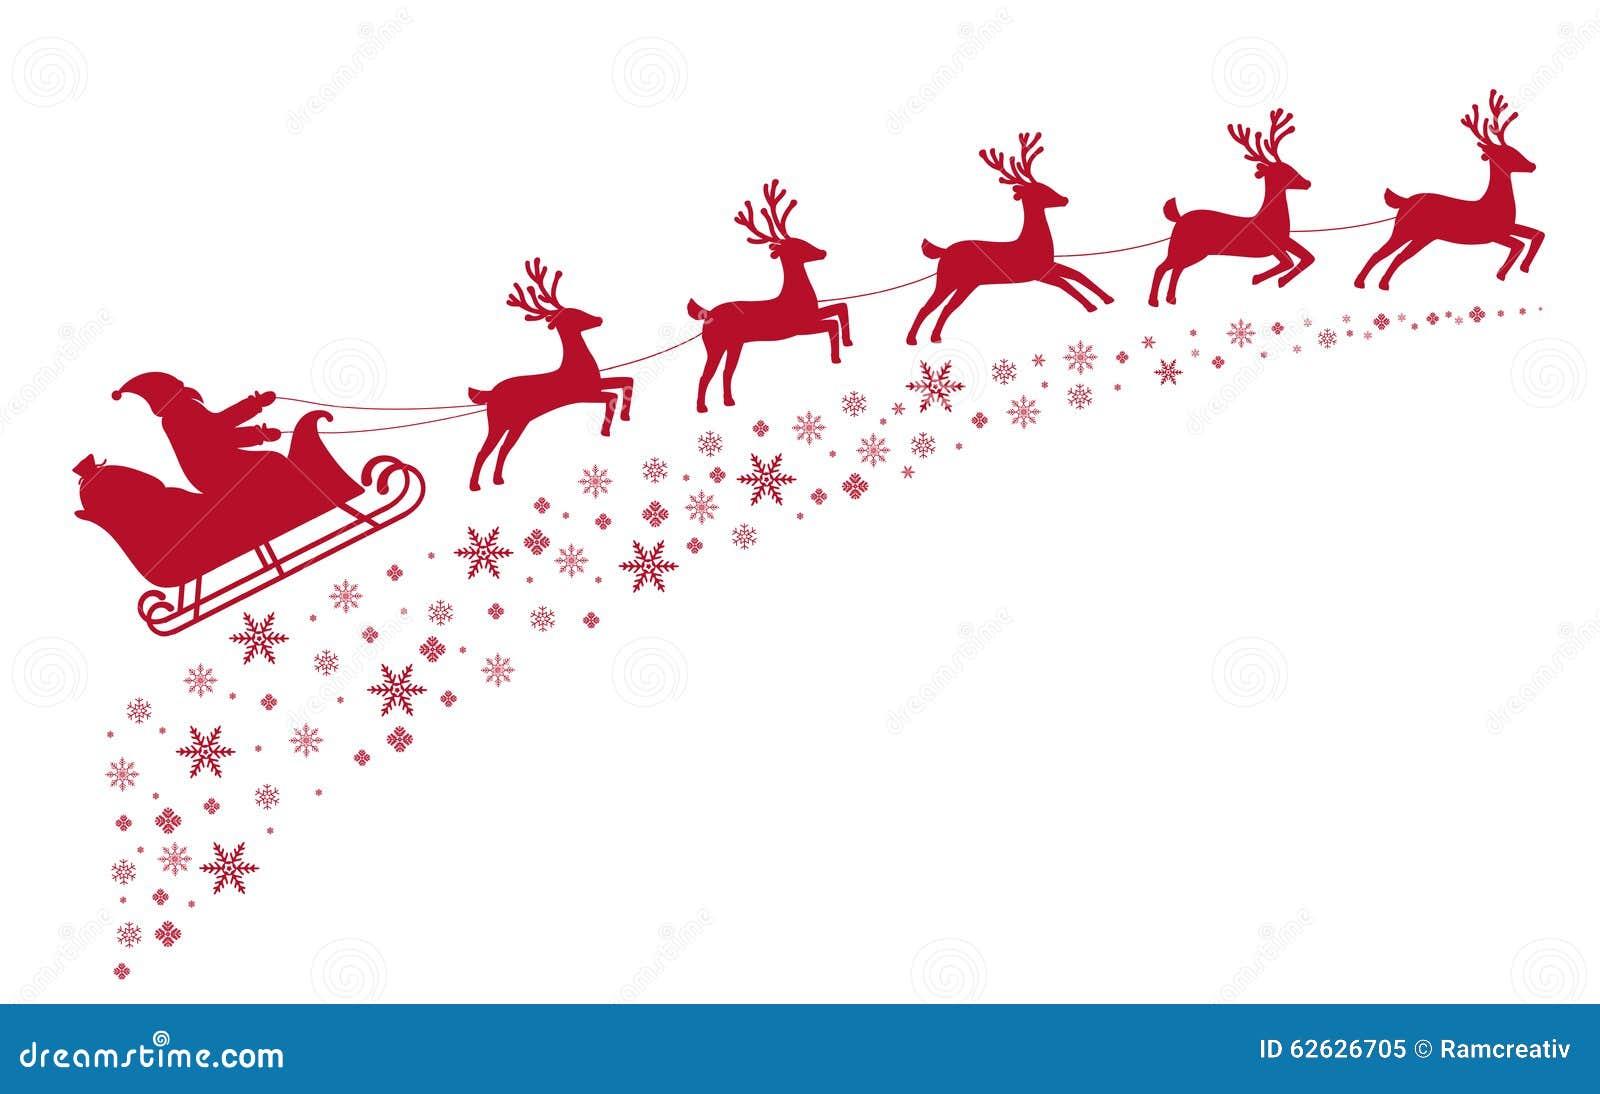 Santa sania reniferowy latanie na tle śnieżyste gwiazdy